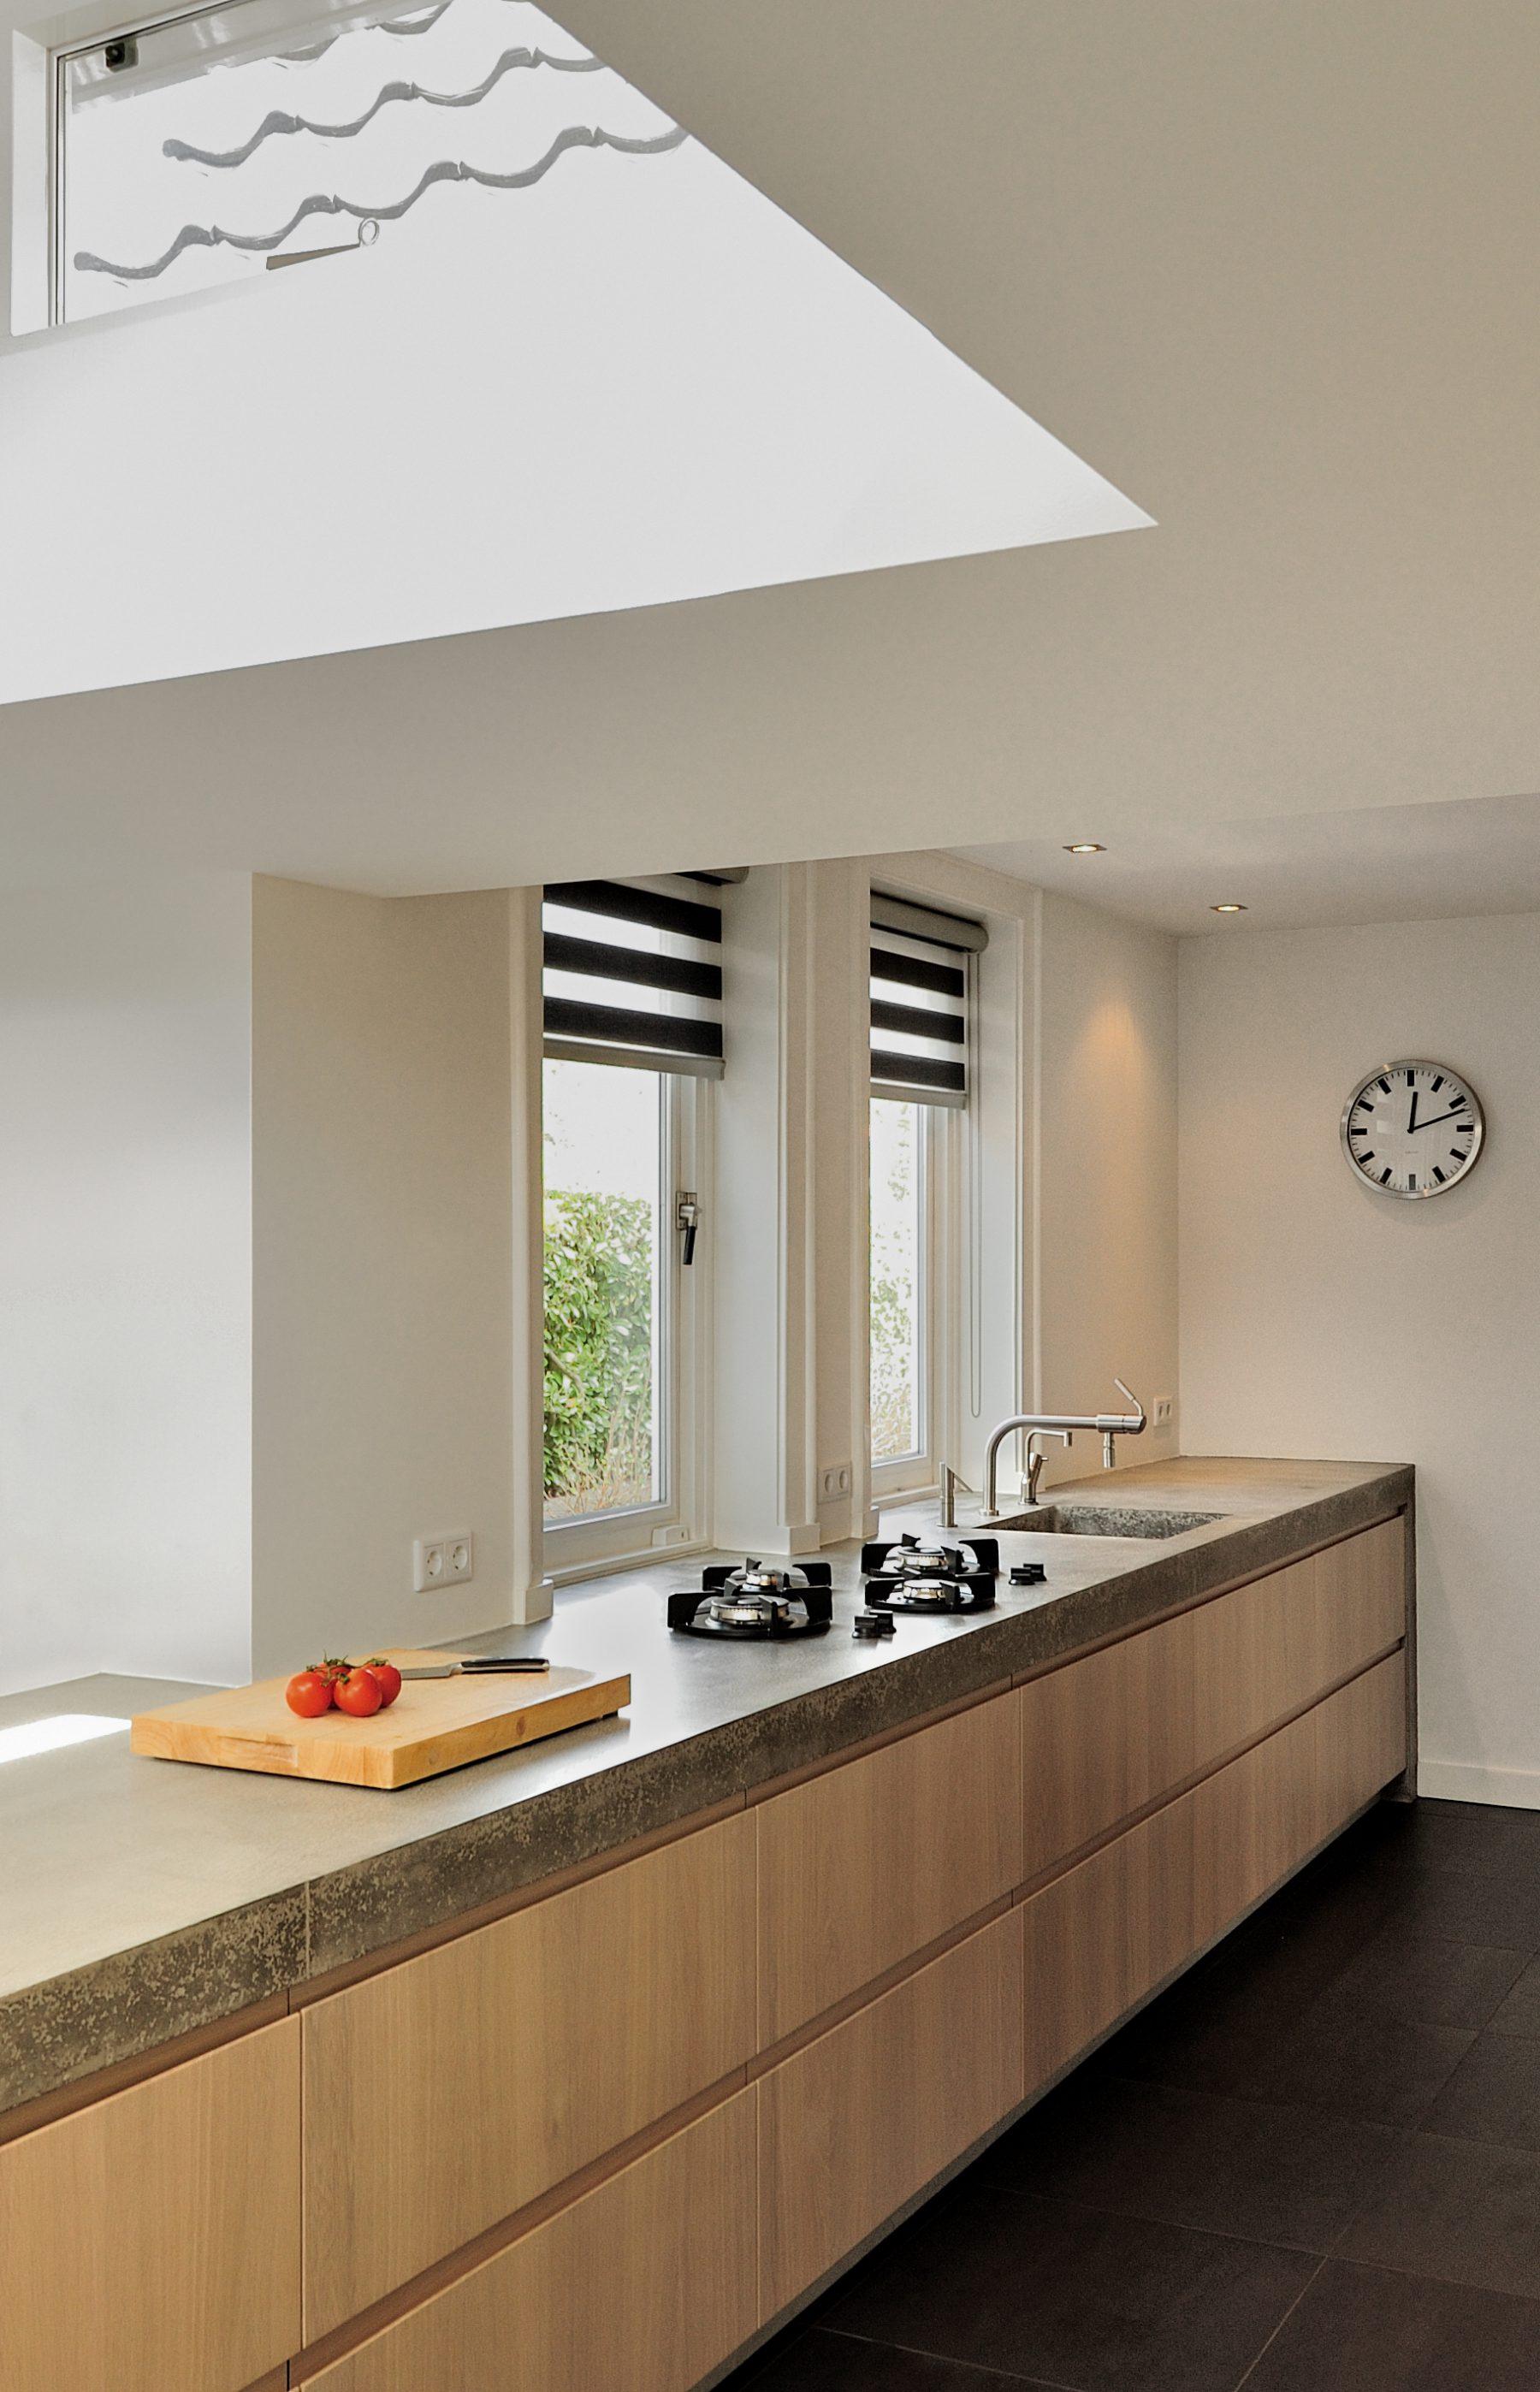 Wij hebben een nieuw ontwerp gemaakt voor de keuken en bijkeuken met een uitbouw. Om de huidige keukenruimte te betrekken bij de uitbouw hebben wij het aanrecht als verbindende element gemaakt. Het bijna 8 meter lange aanrechtblad is gemaakt van beton en is op locatie (in het werk) gestort en gepolijst. Het betonnen aanrecht bevat geïntegreerd 'pitt cooking'. De kasten van de keuken zijn gemaakt van licht eiken. Het aanrechtblad loopt over naar een bargedeelte. Bij het bargedeelte zit in het betonnen aanrecht plaatselijk een elektrische 'vloerverwarming', op deze manier is de 'kou eraf' als men aan de bar zit. Boven het bargedeelte is het dak plaatselijk verhoogd met daarin ramen rondom. Door deze ramen komt een mooie natuurlijke lichtinval in het eetgedeelte.